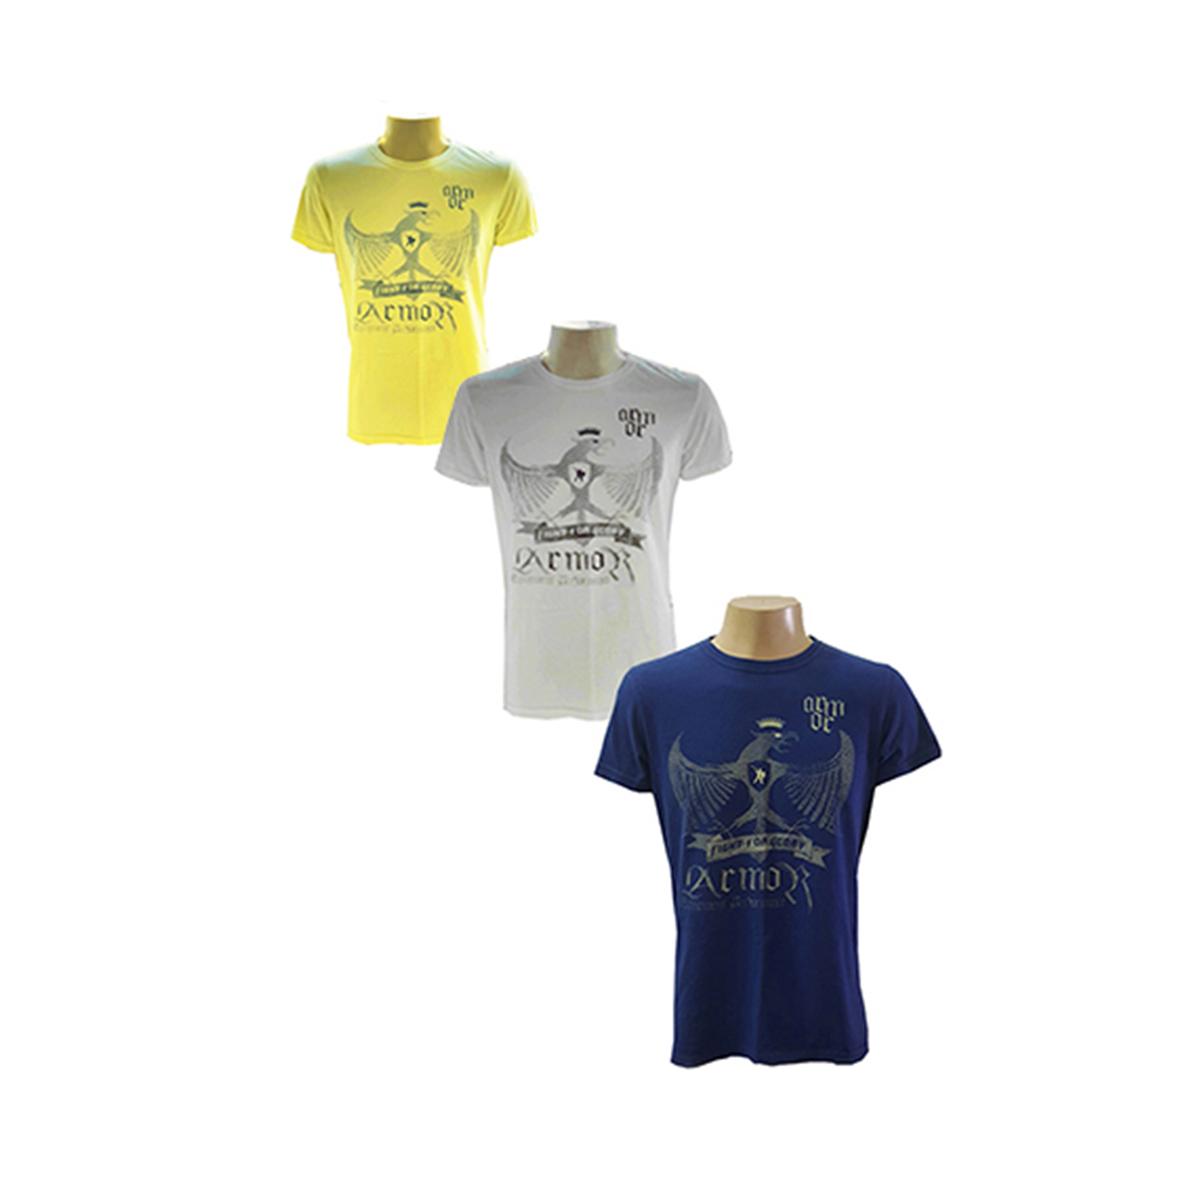 Camisa de malha manga curta Fênix 100% algodão